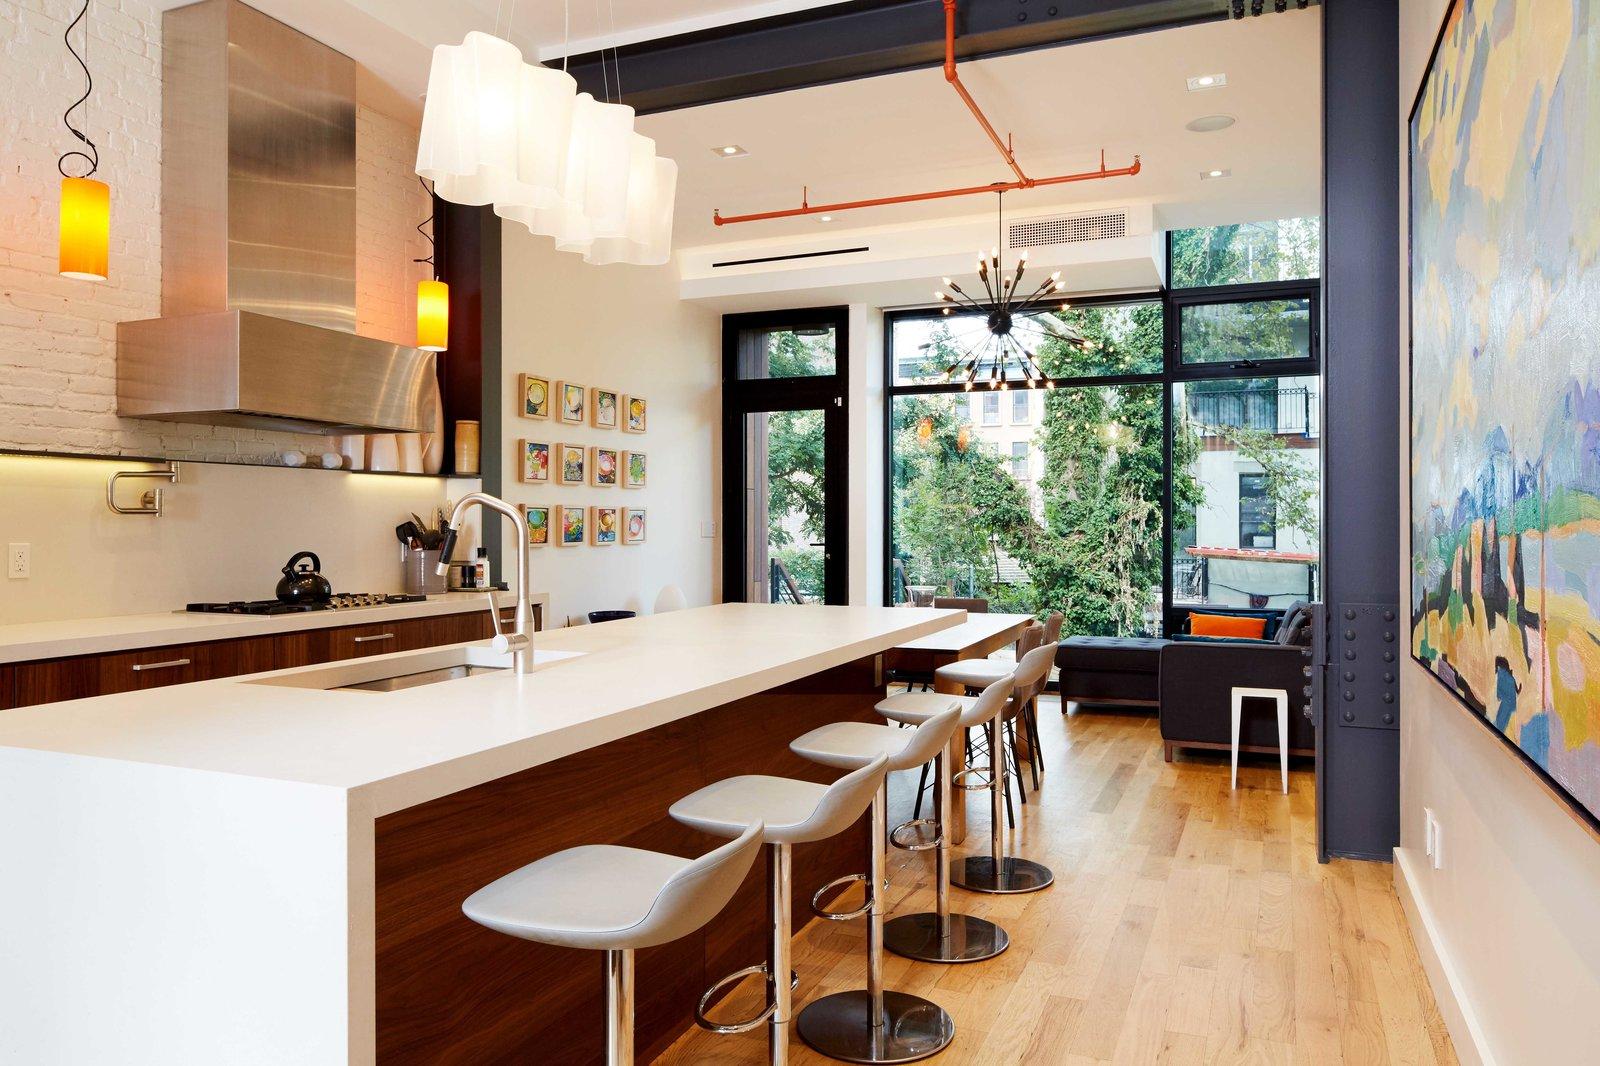 Kitchen, Undermount, Engineered Quartz, Pendant, Range, White, Range Hood, and Medium Hardwood  Best Kitchen Engineered Quartz Medium Hardwood Photos from Harlem Townhouse